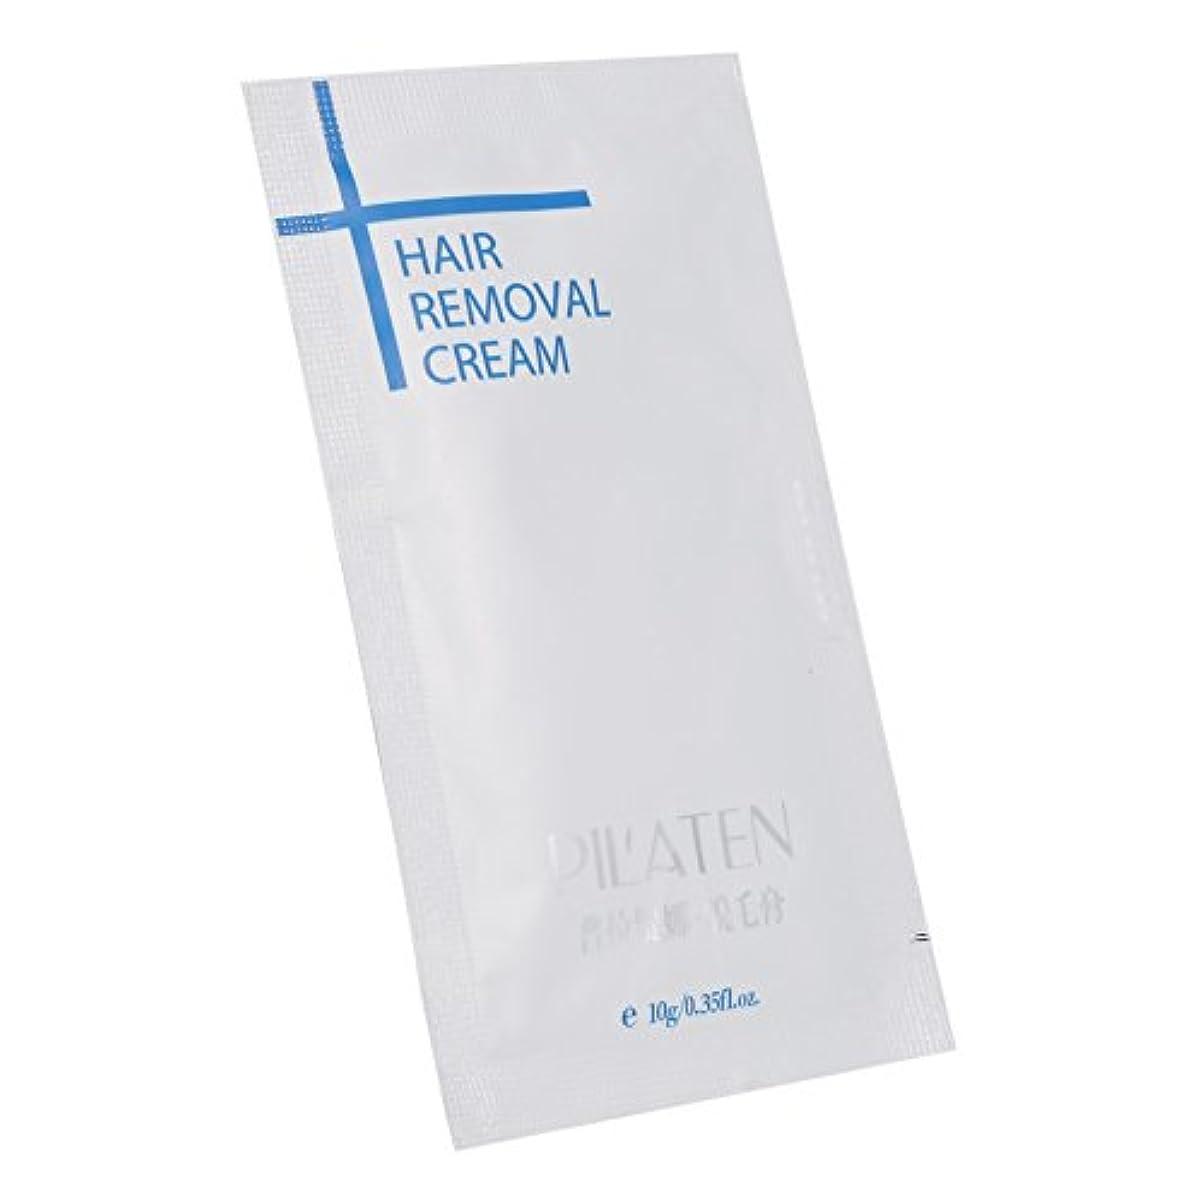 女の子発信直立脱毛クリーム、10個の女性の女性の脱毛クリーム脇の下の脚アームのボディの健康美容脱毛ペースト (1Pc)